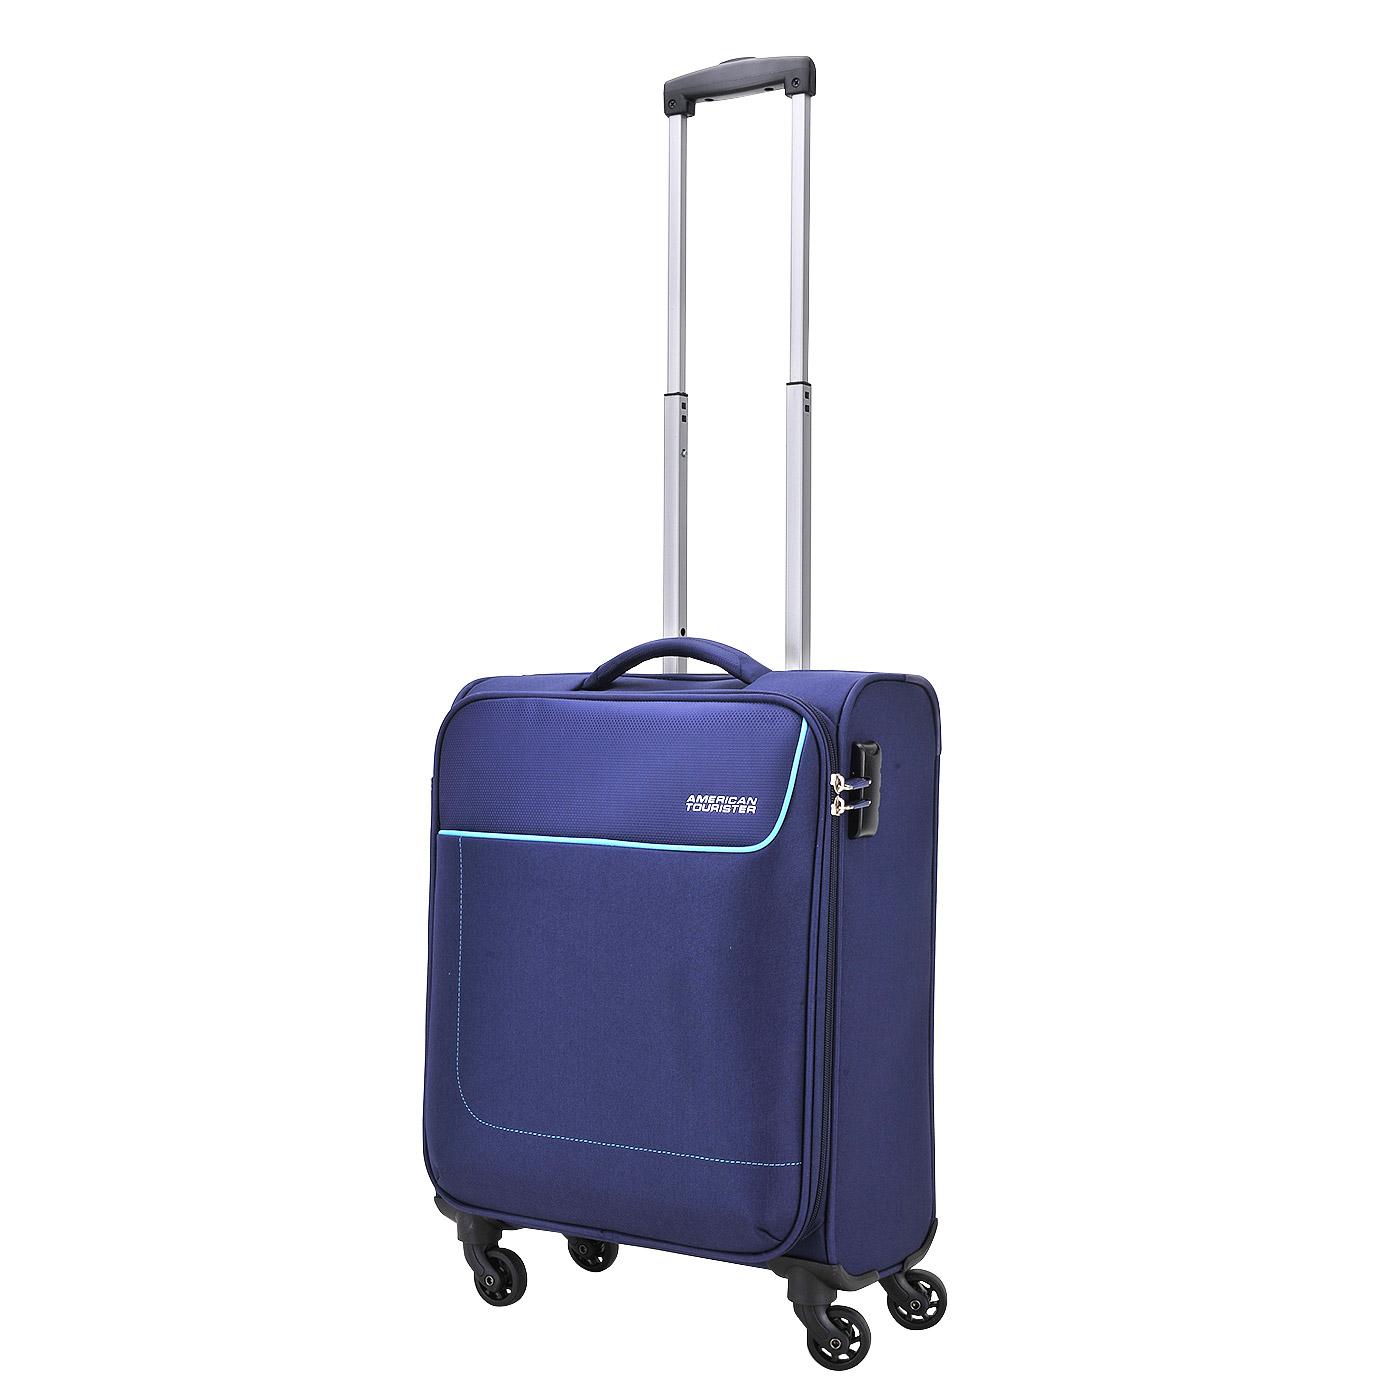 American tourister чемоданы купить в нижнем новгороде чемоданы пилот оптом от производителя